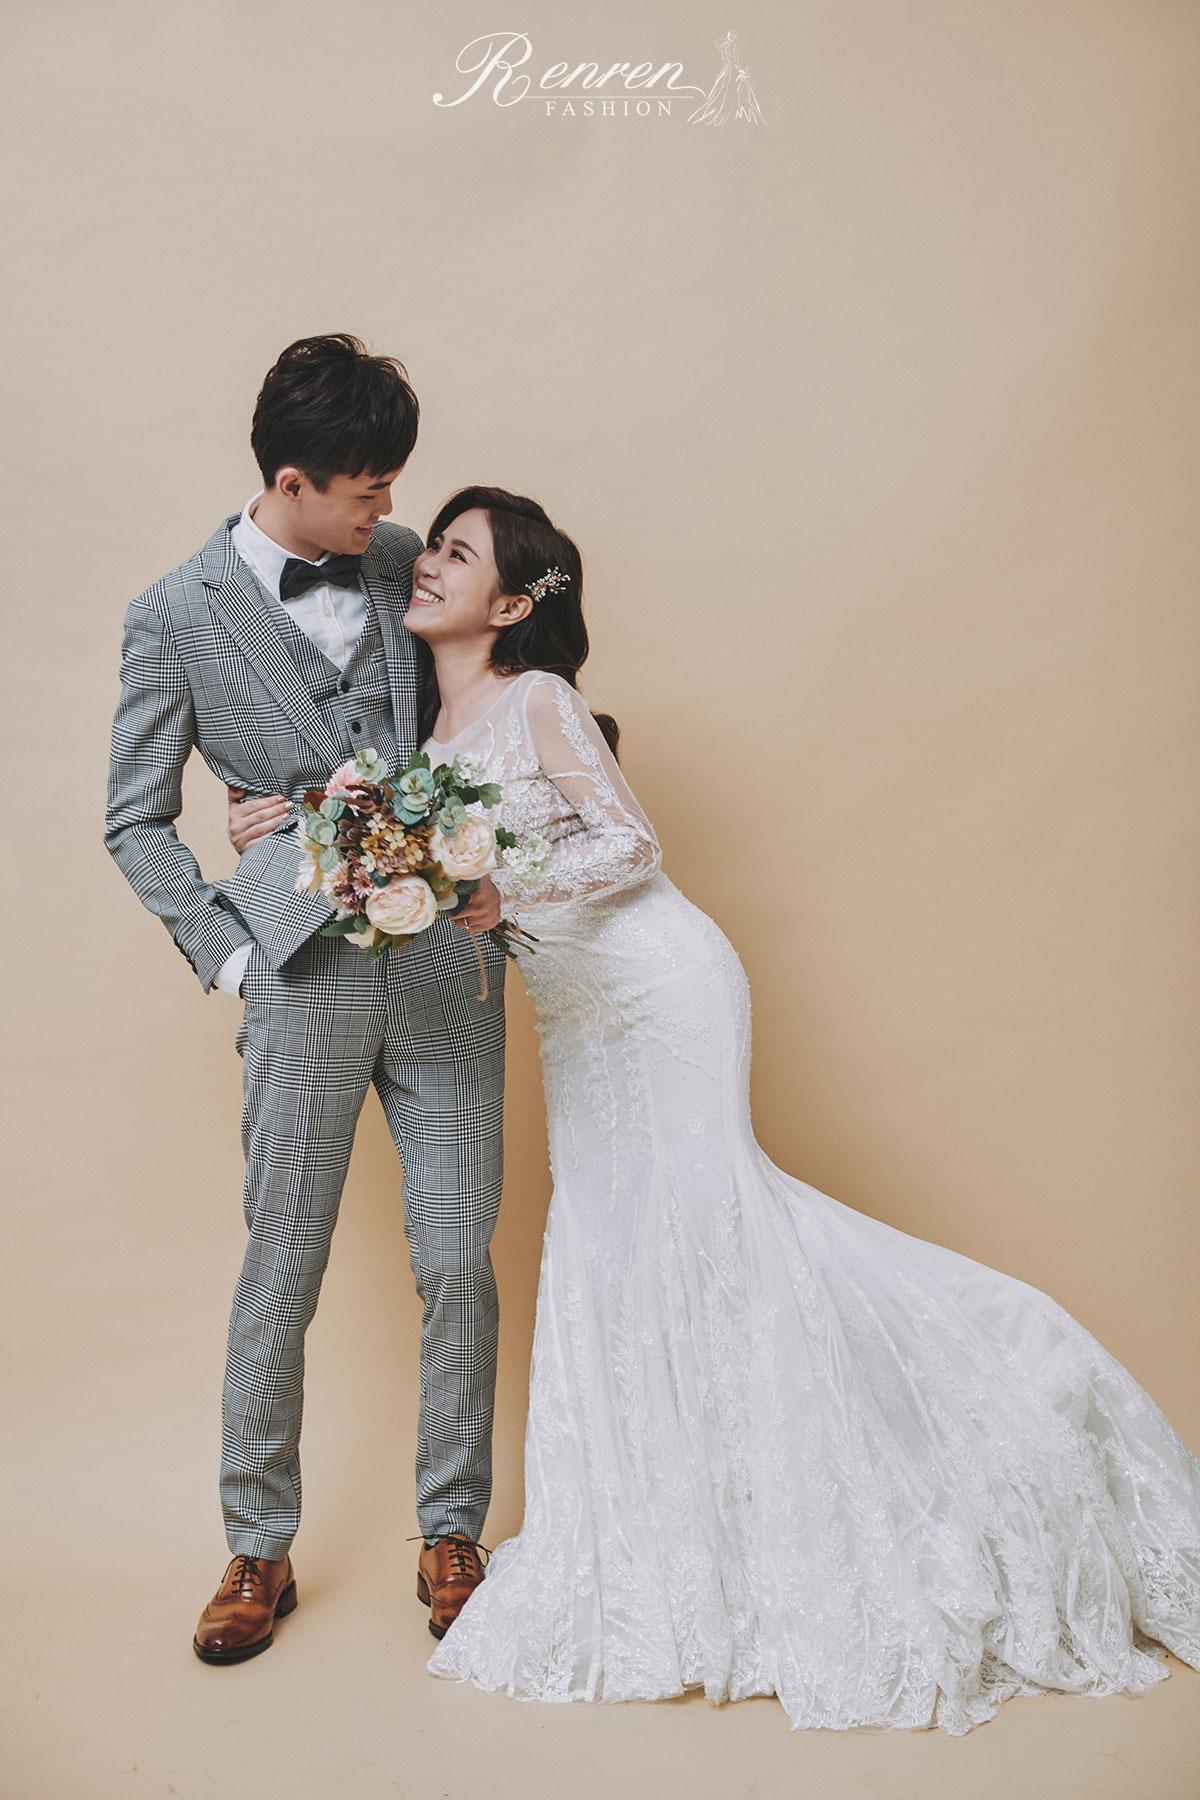 台中 清新 美式婚紗-素色背景-清新-婚紗